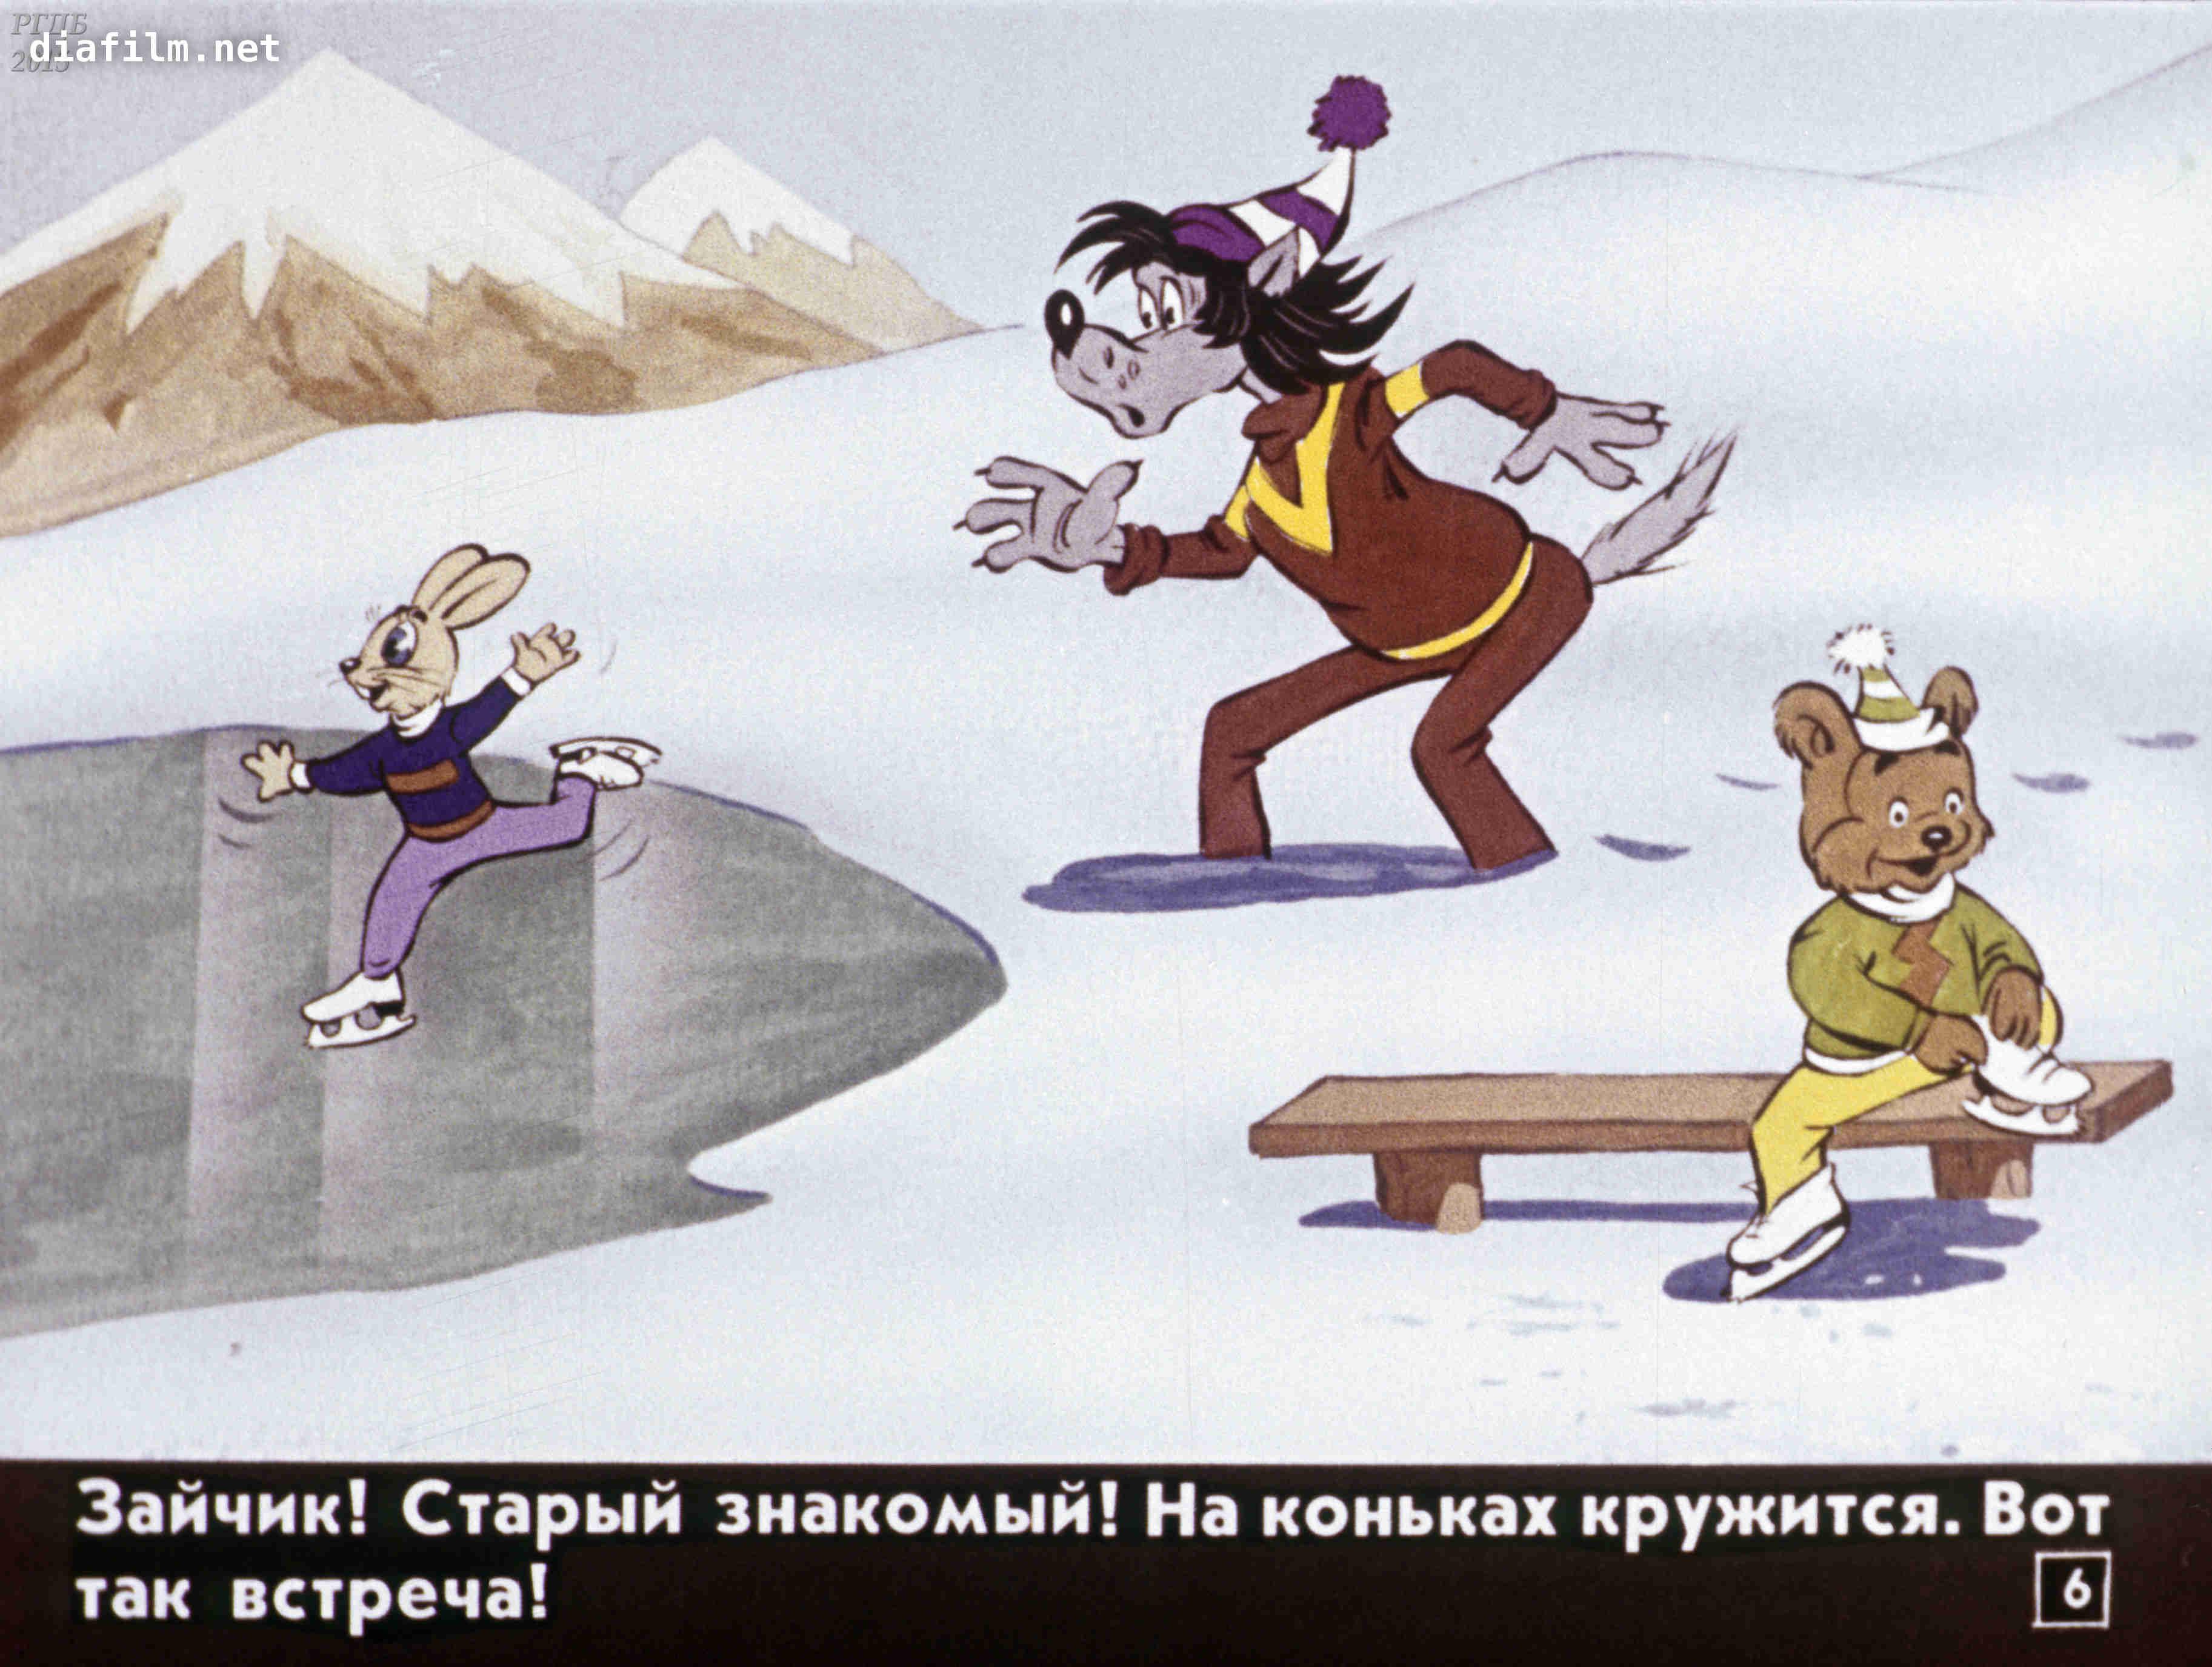 картинка волка на коньках этом некоторые товары